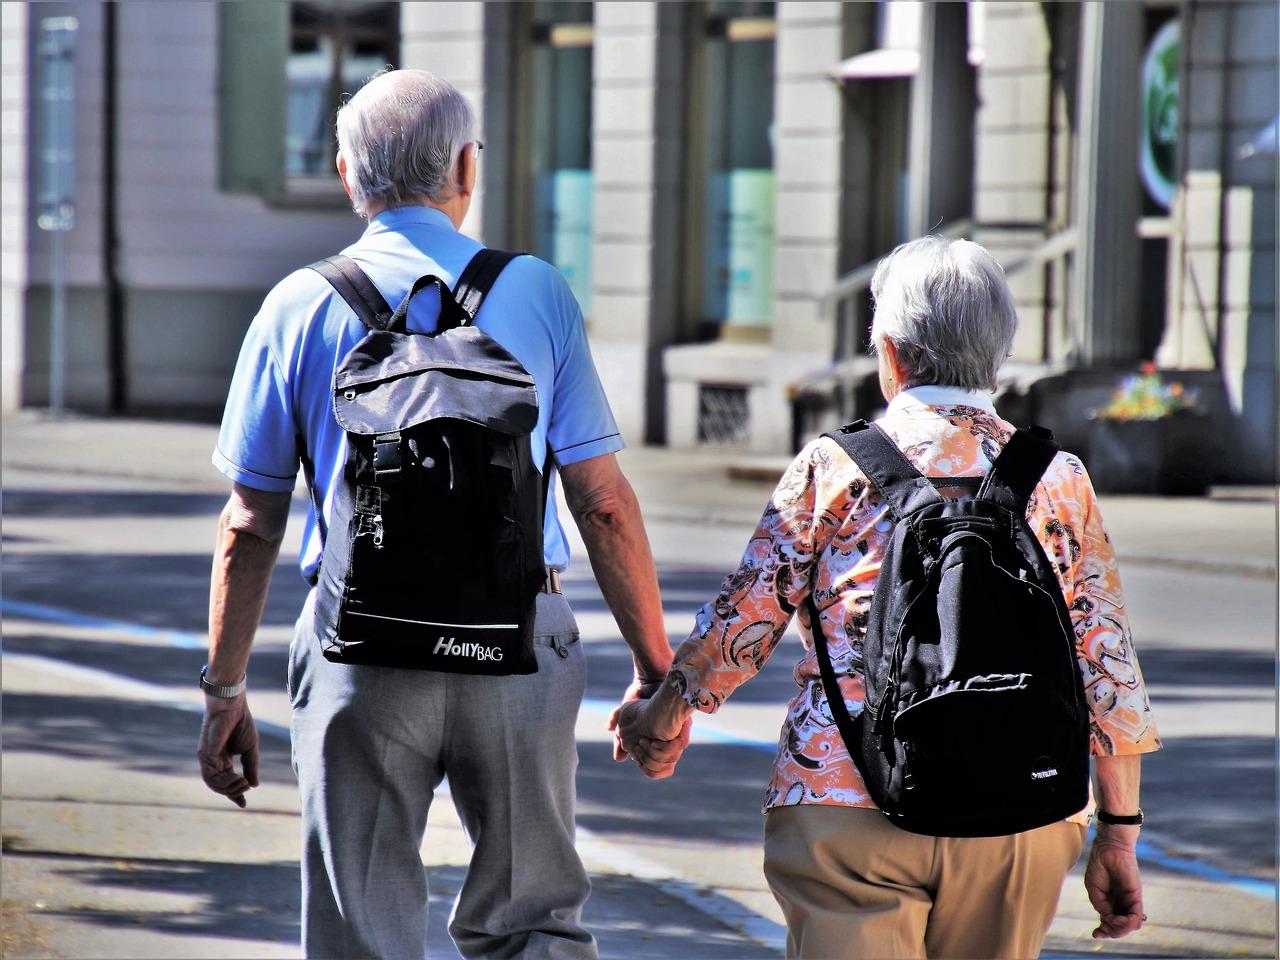 Les avoirs de vieillesse moins rémunérés